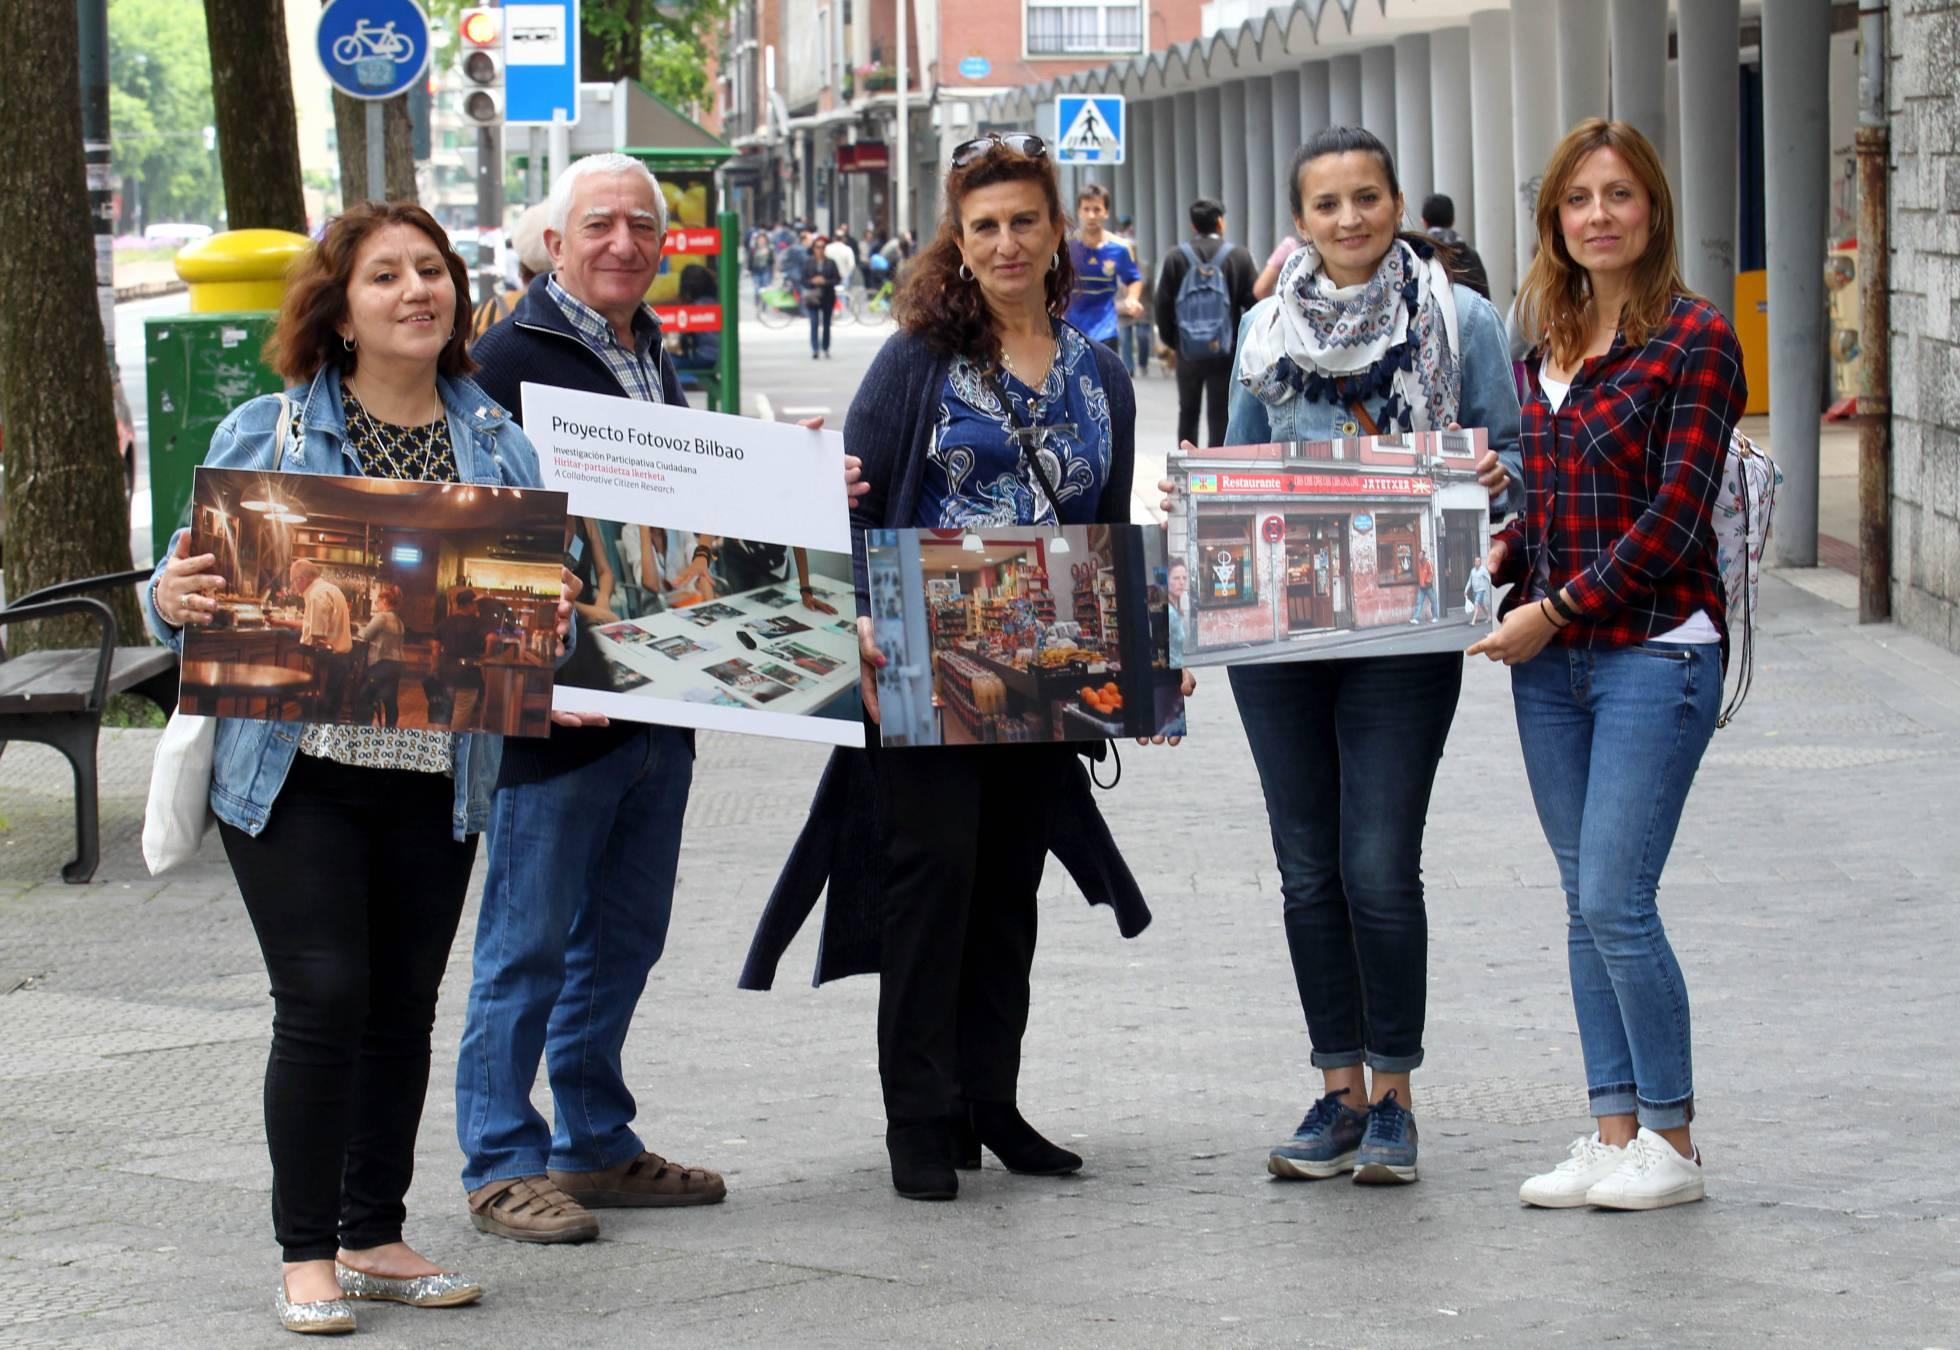 В Бильбао создан проект, изучающий уровень жизни и привычки районов города через фотографии ресторанов и баров